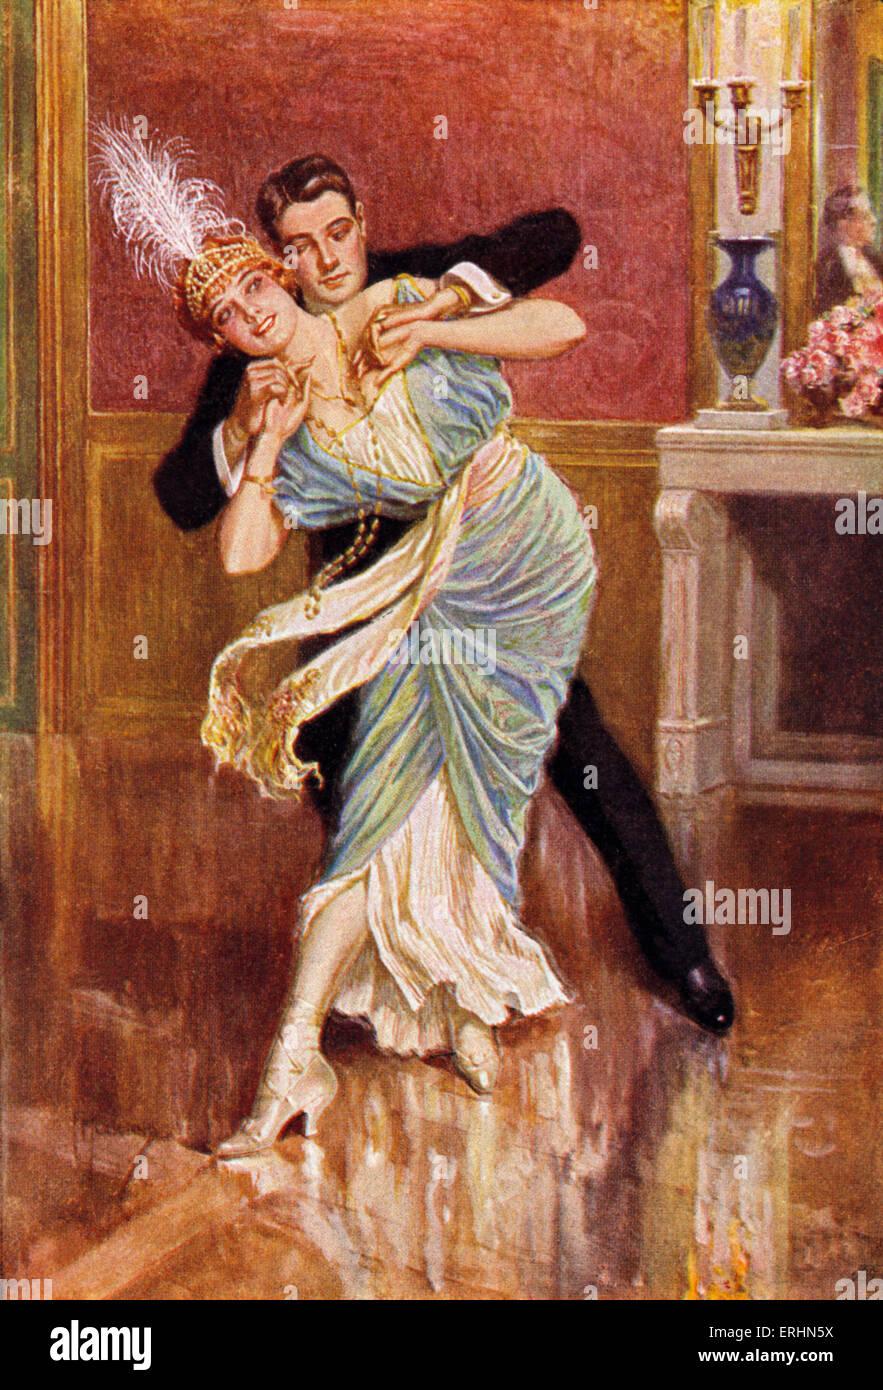 Pareja de bailarines en Viena a finales del siglo XIX, la mujer está usando una pluma y jefe vestido largo Imagen De Stock